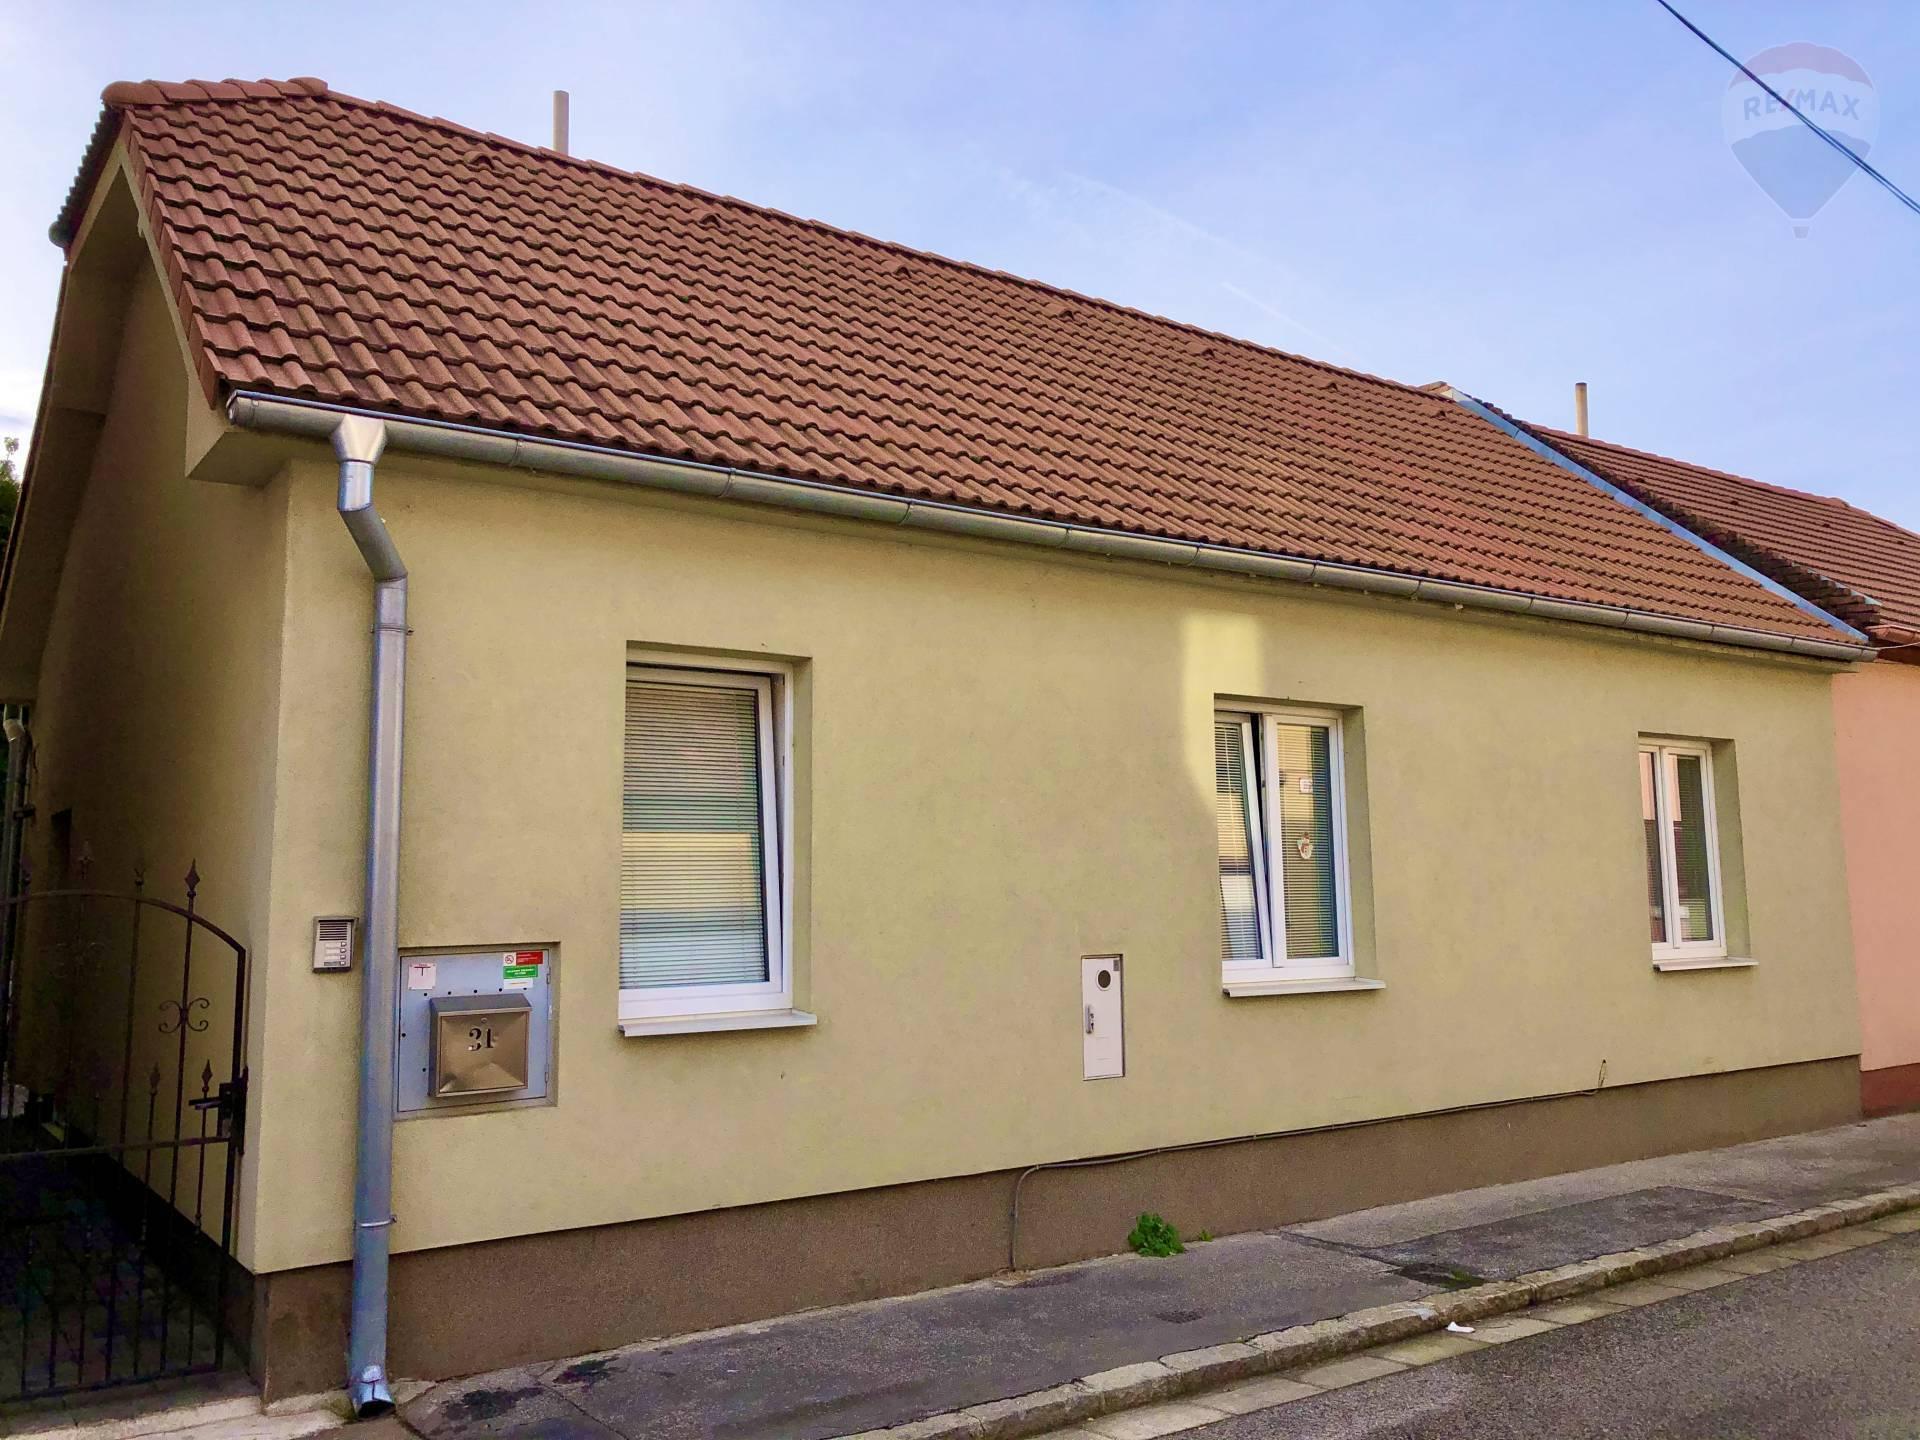 Mimoriadna investičná príležitosť - na predaj - nájomný dom - 4 byty